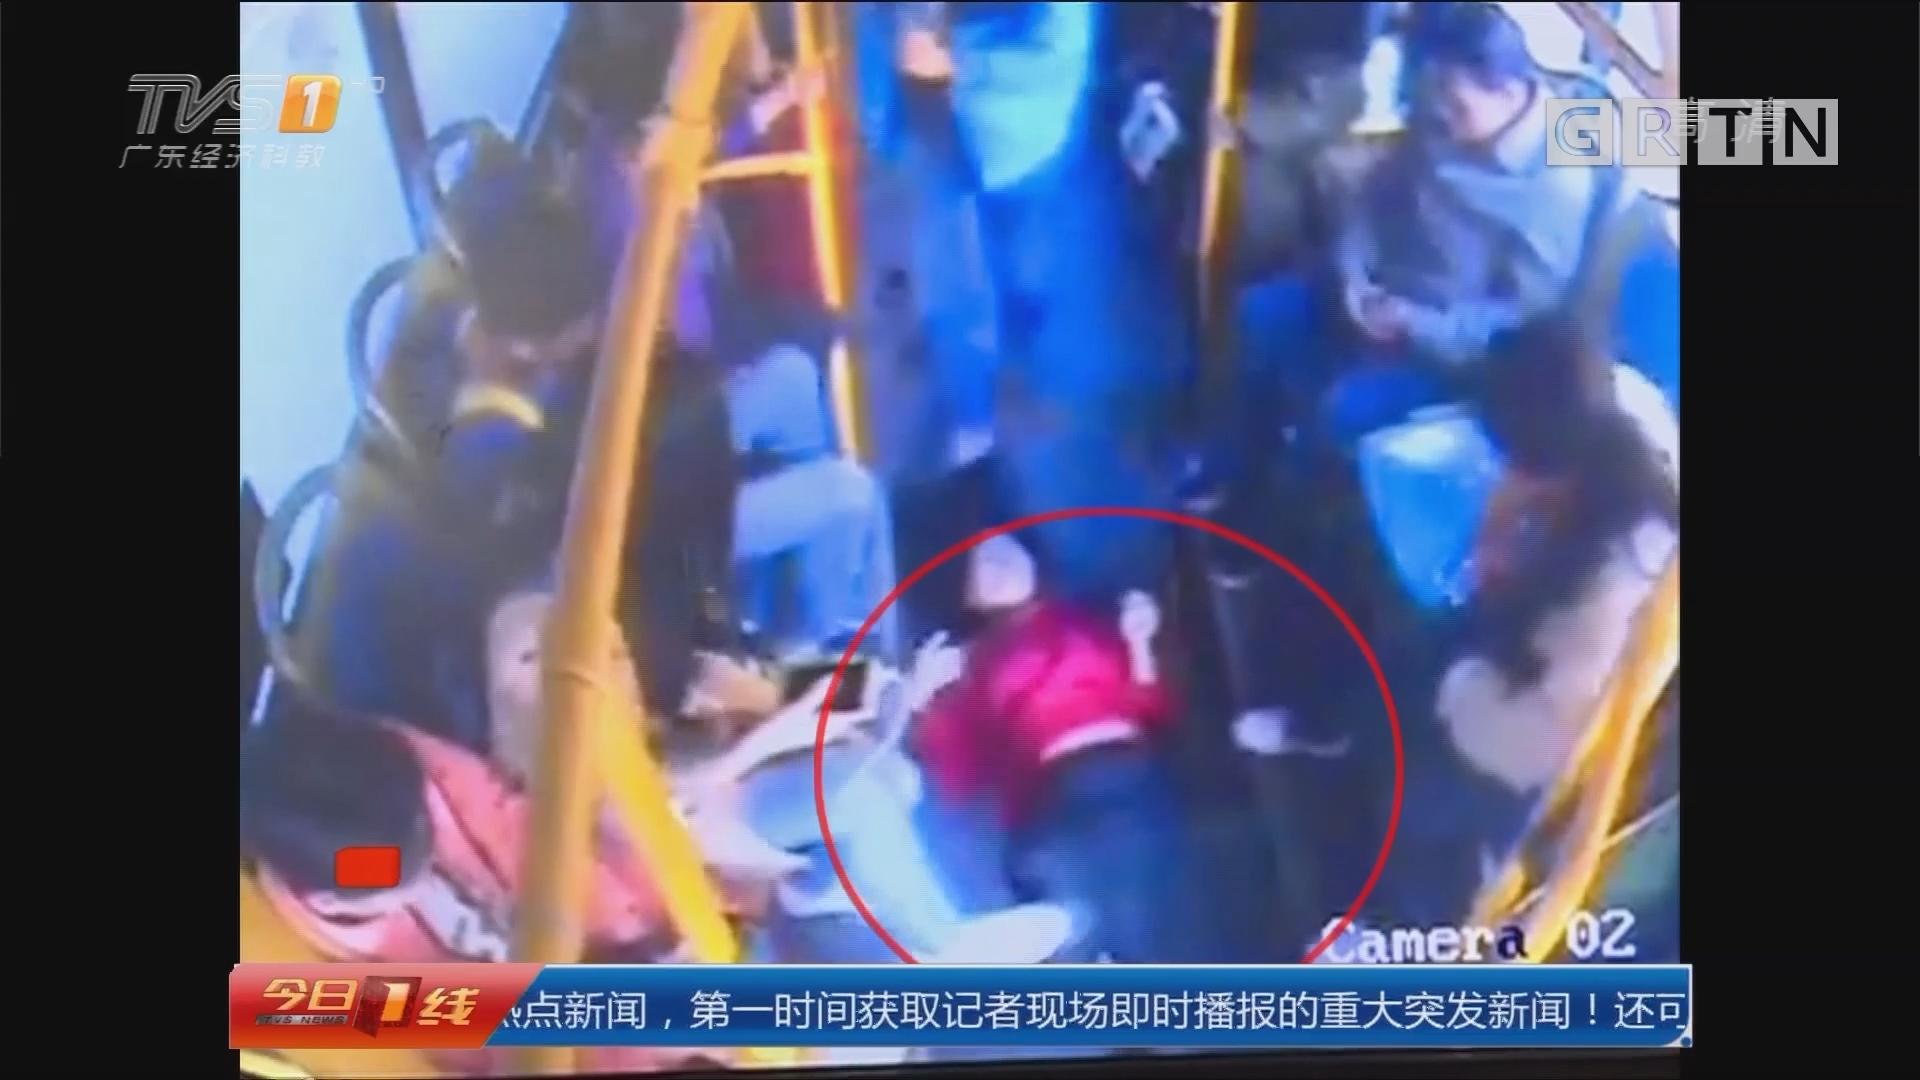 """系列专栏""""温度"""":广州 女乘客突晕倒! 公交车变""""救护车"""""""